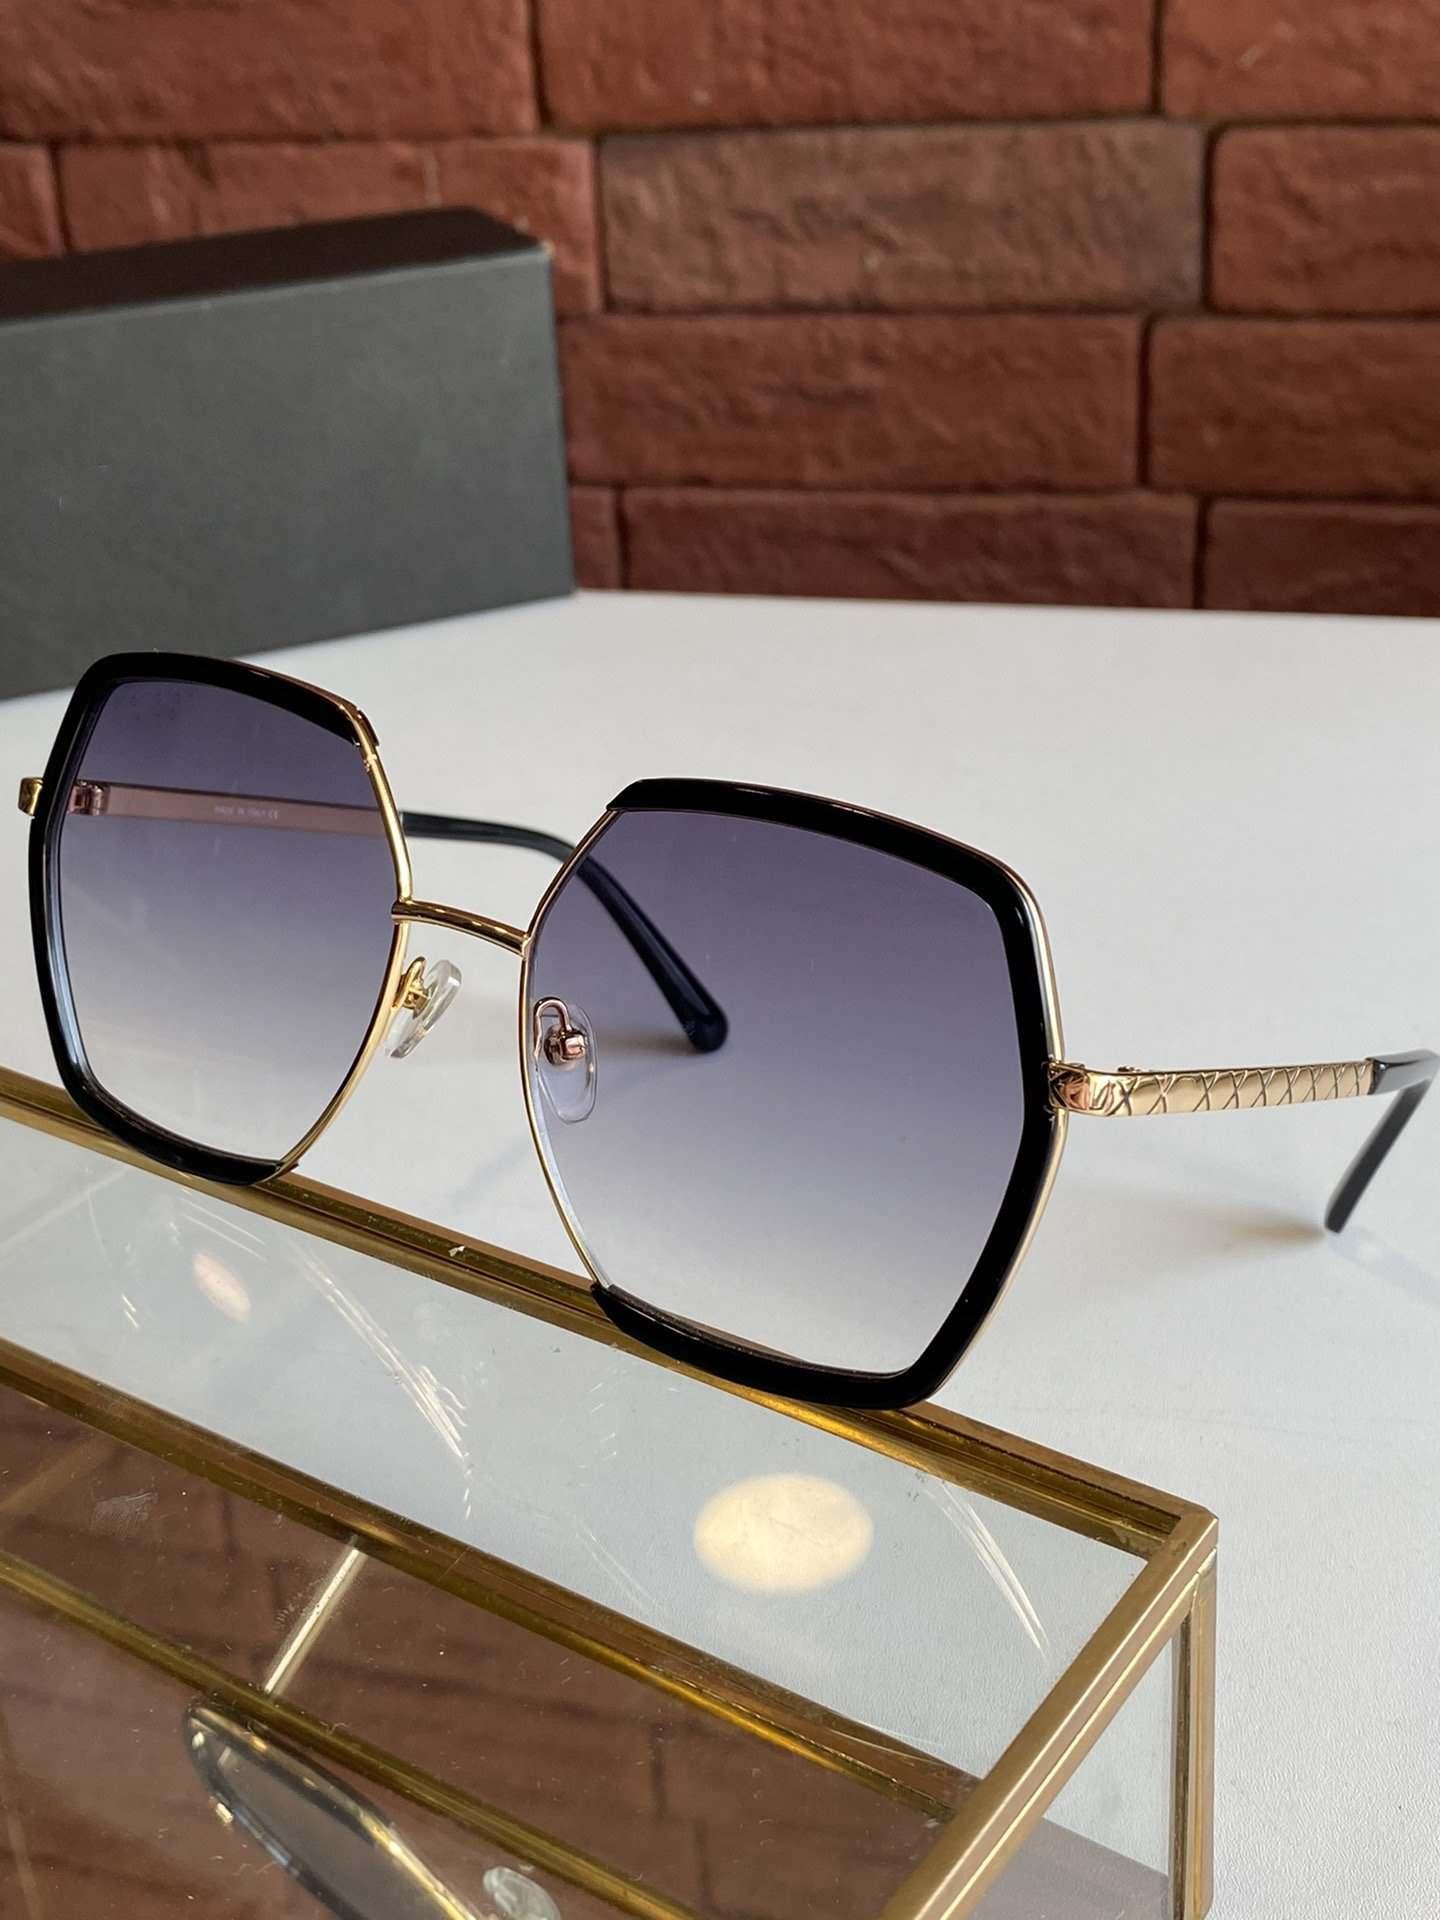 Stil Üst Kalite klasik UV Koruma Lens serbest paketi ile gel 3310 Güneş gözlüğü İçin Kadınlar Popüler Moda Yaz kare unisex